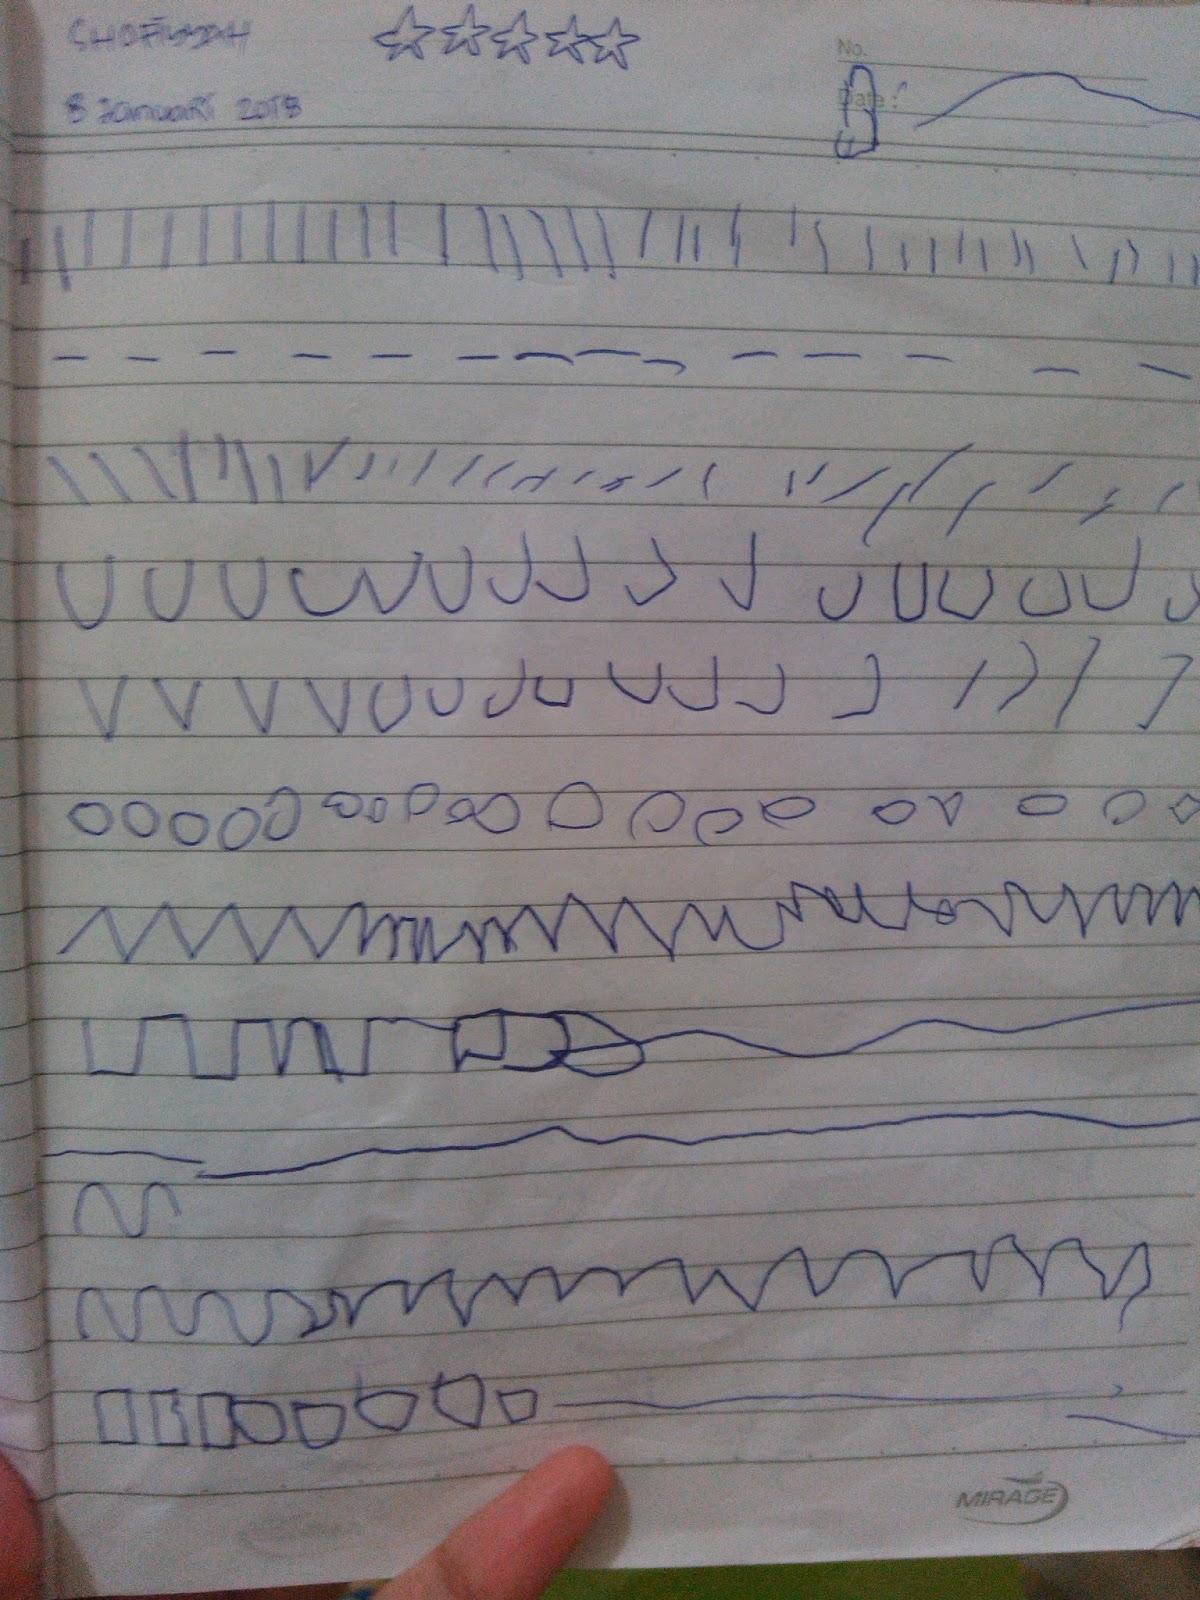 Shofiyyah sebenarnya sudah mengenal huruf dan angka Hanya saja ketika ingin menuliskannya masih sangat kaku Maka jadilah latihan menulis kali ini untuk